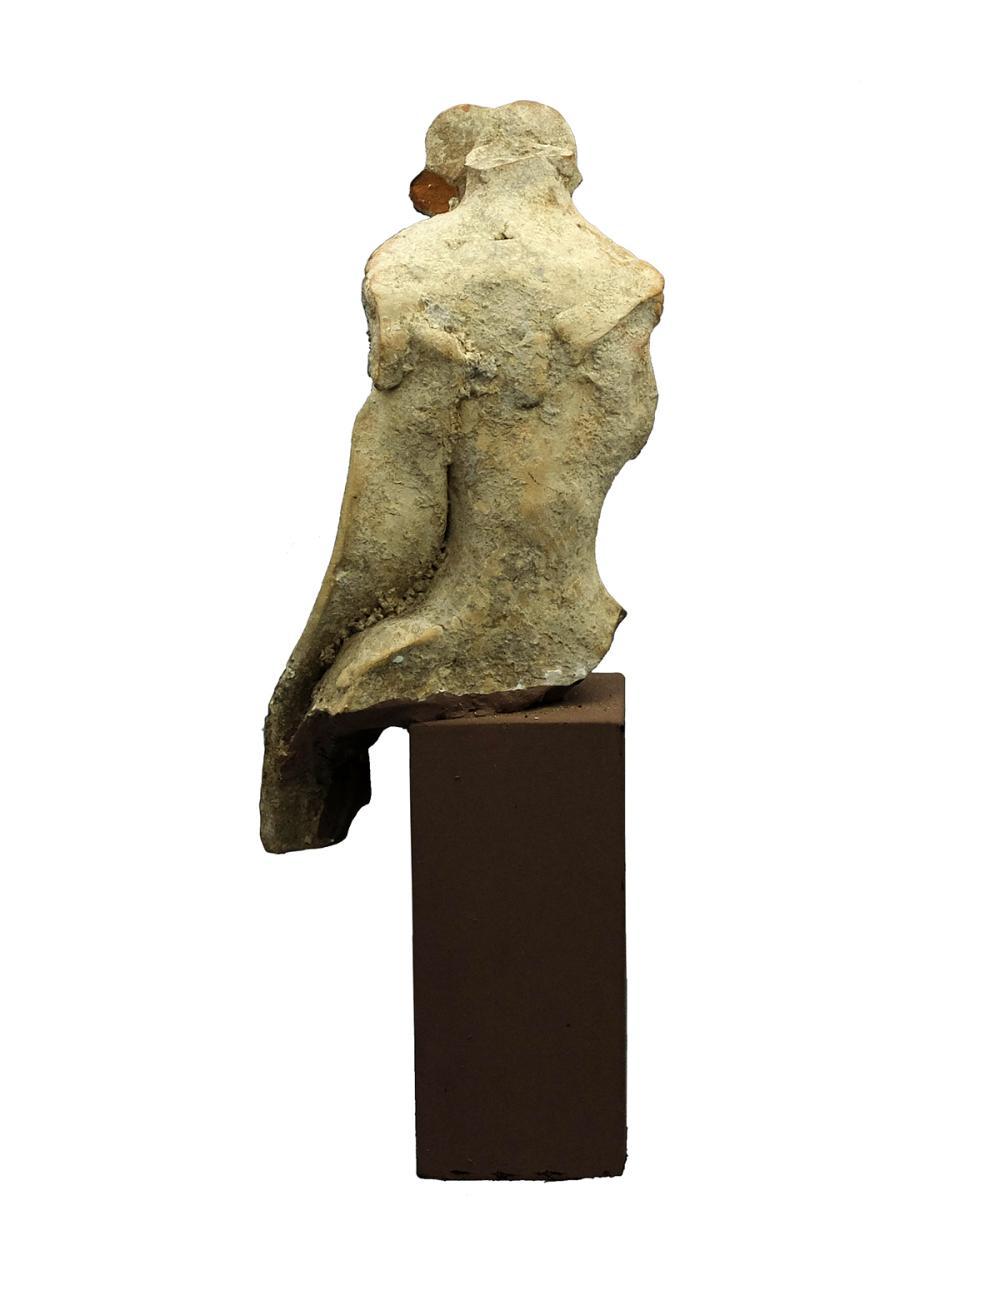 A Greek terracotta head of a bearded man